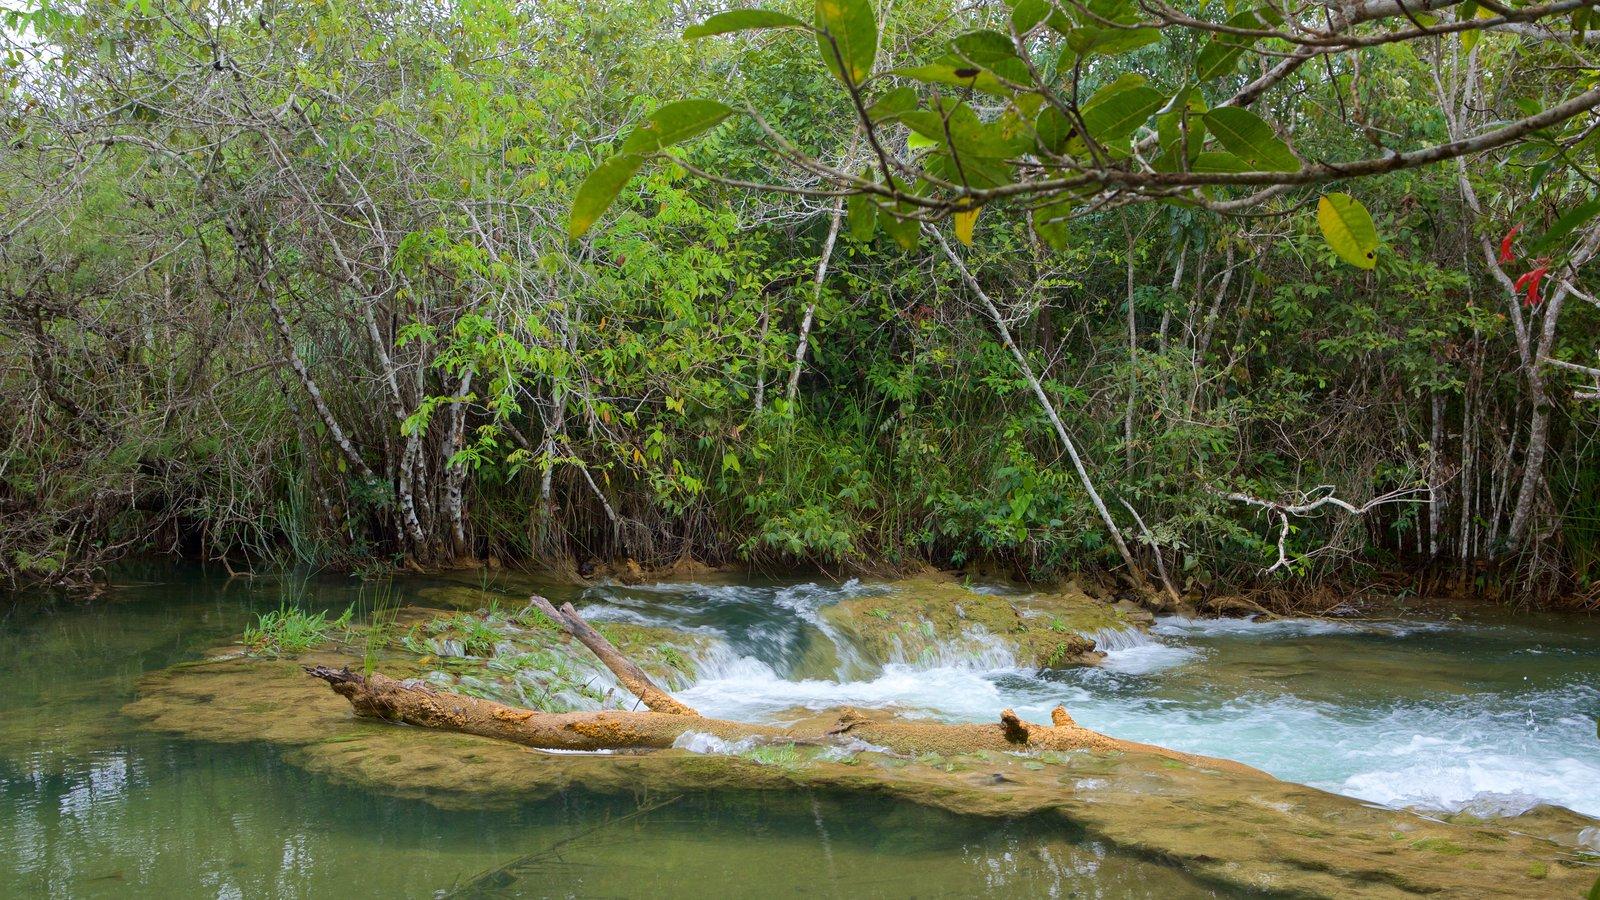 Parque Ecológico Rio Formoso caracterizando um rio ou córrego, floresta tropical e mangues